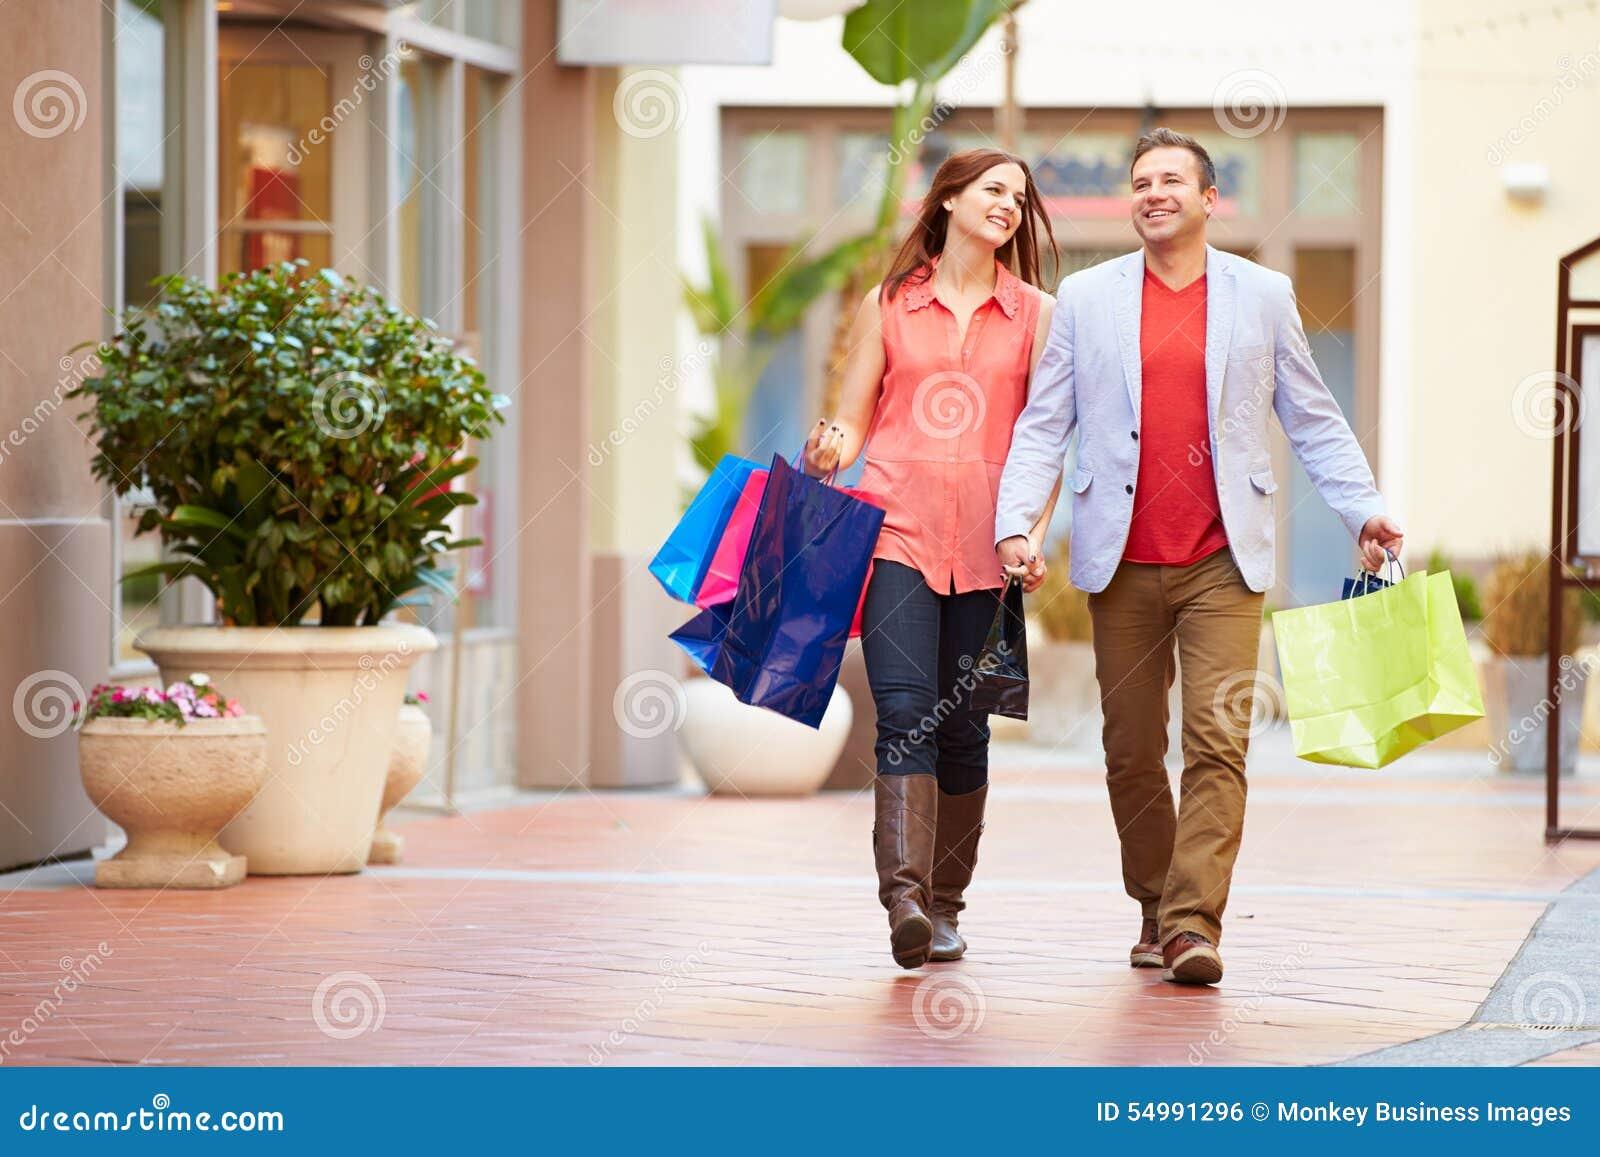 走通过与购物袋的购物中心的年轻夫妇